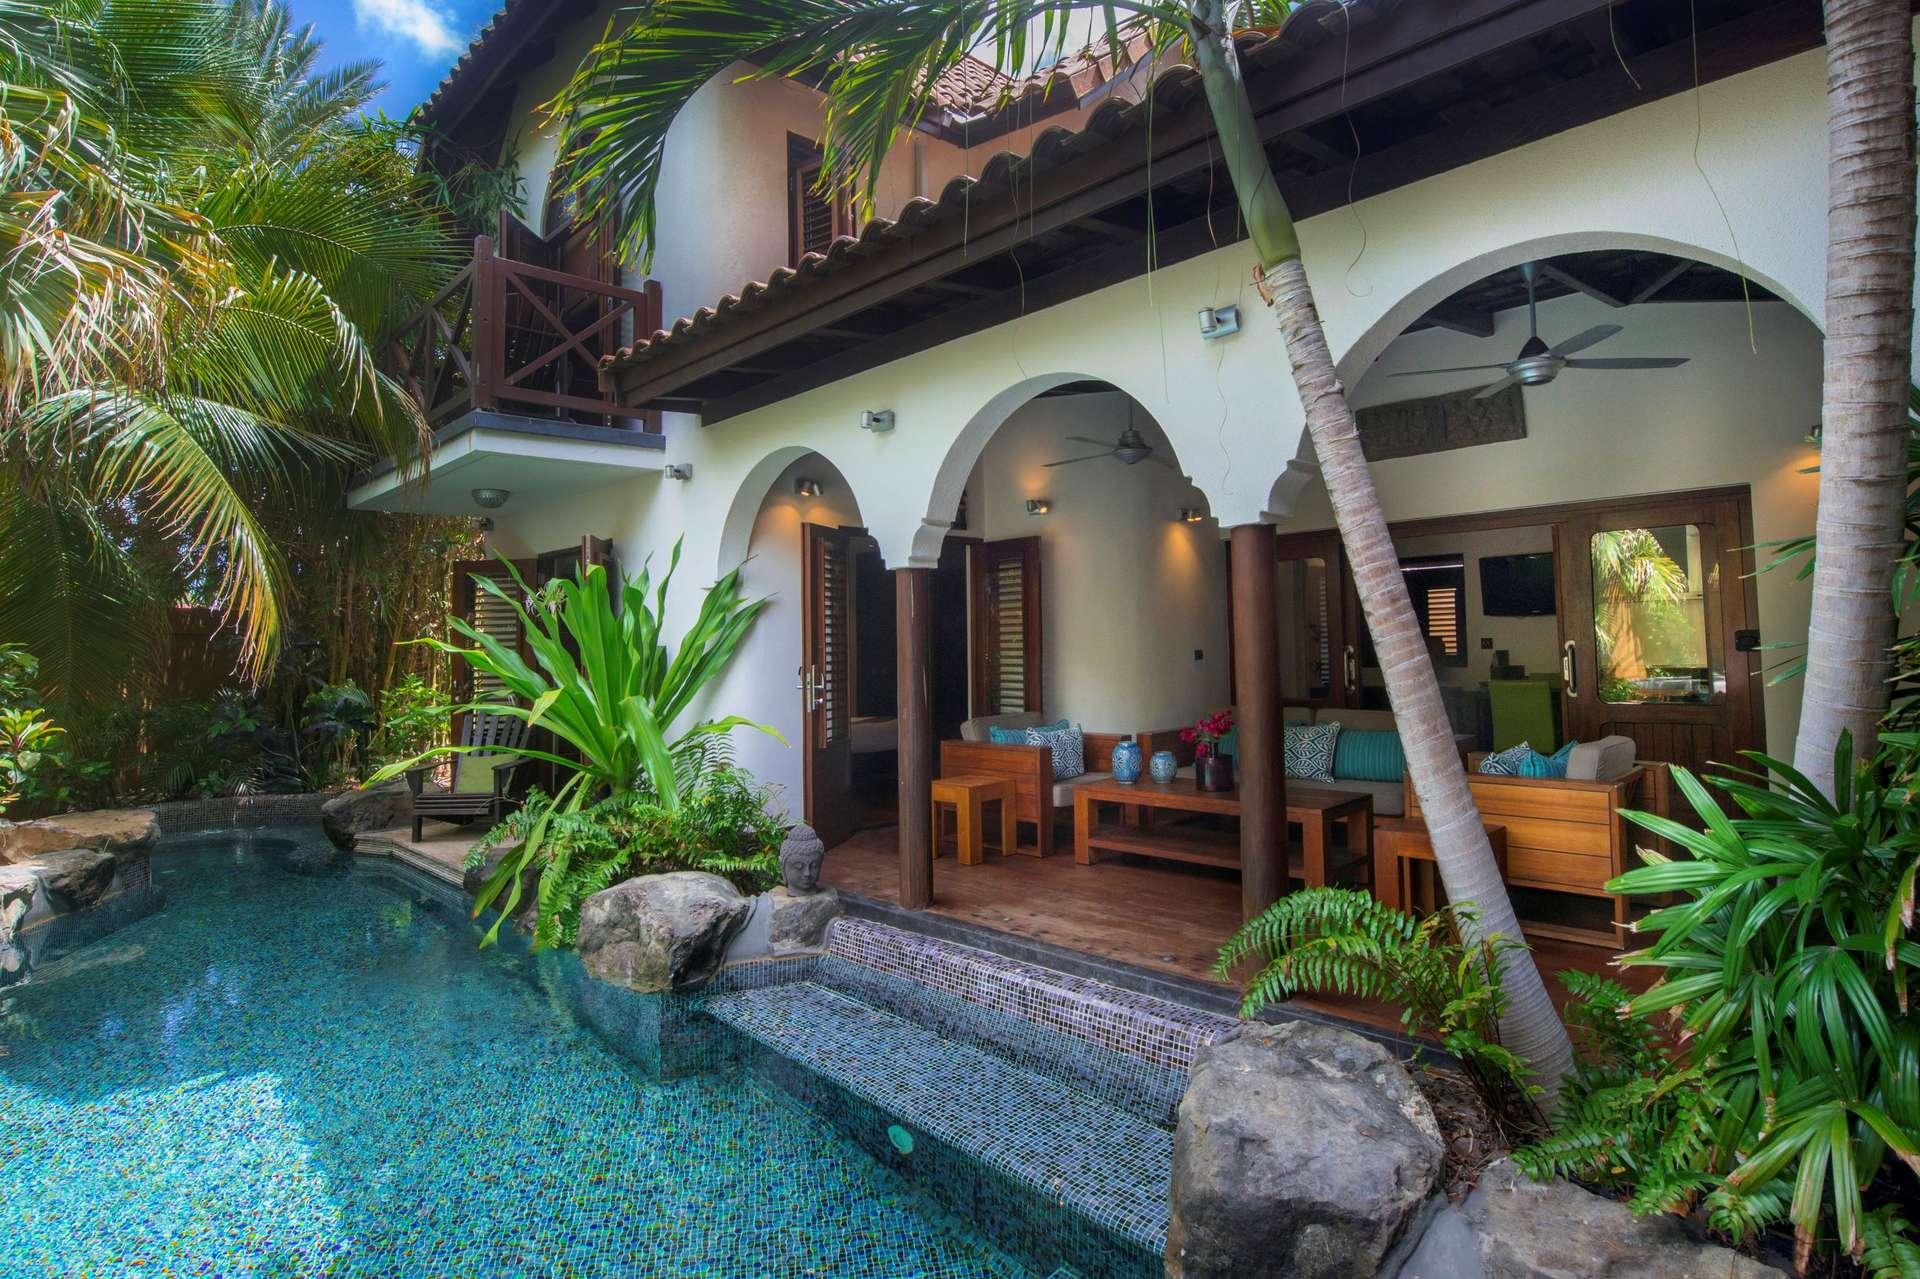 Luxury villa rentals caribbean - Curacao - Baoase luxury resort - No location 4 - Private Pool Villa - Image 1/15